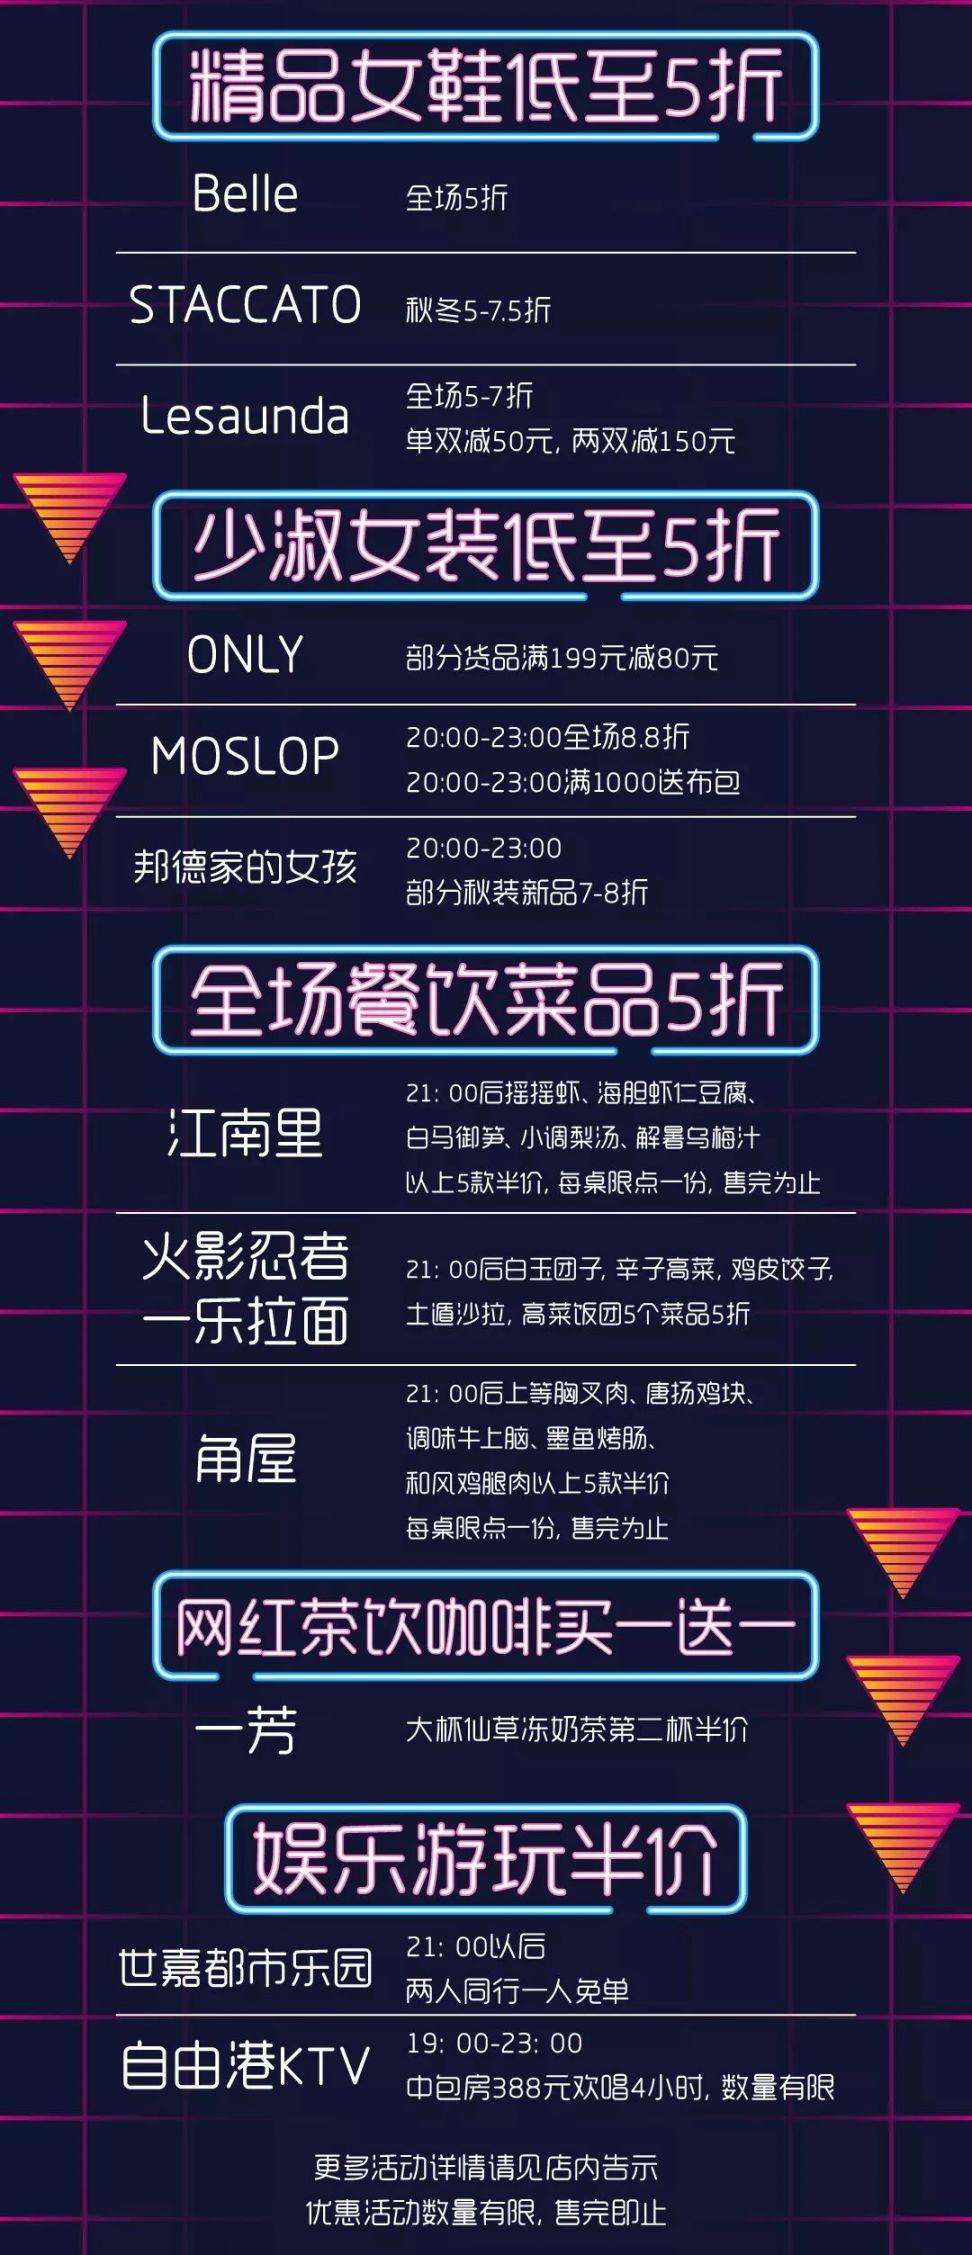 上海(hai)環球港111瘋狂(kuang)促(chun)銷夜 精選品牌5折(zhe)起(qi)